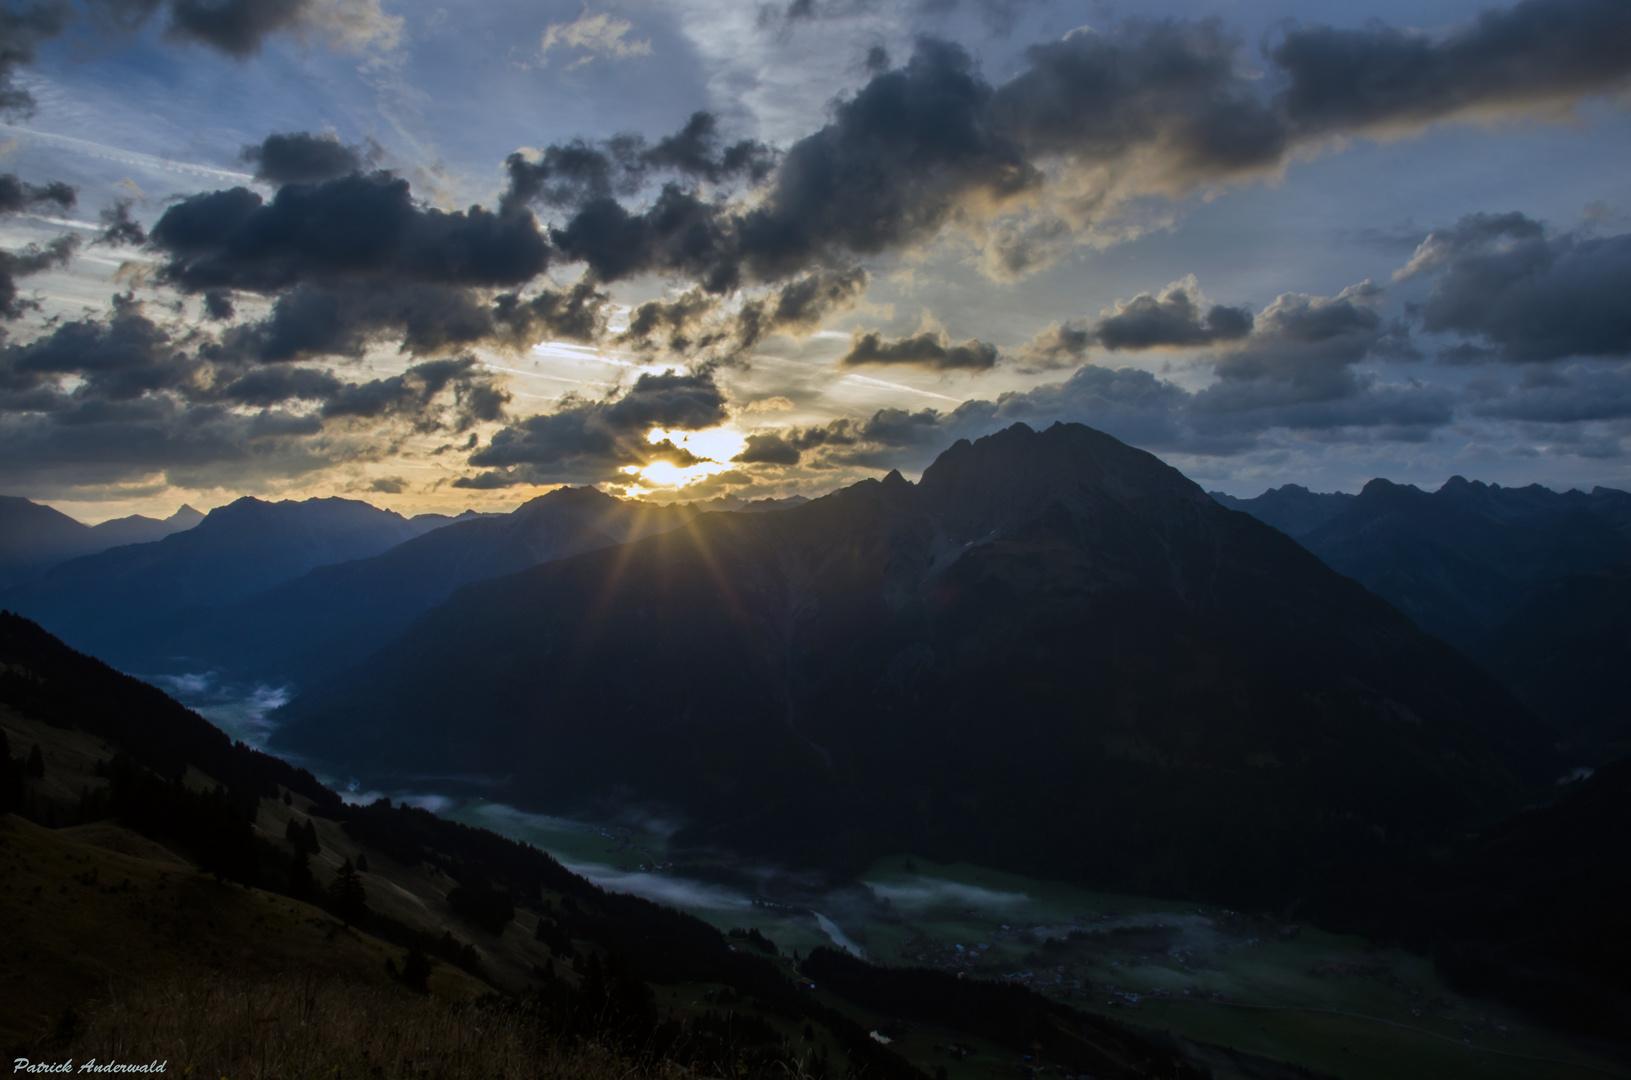 Sonnenaufgang auf der Jöchelspitze